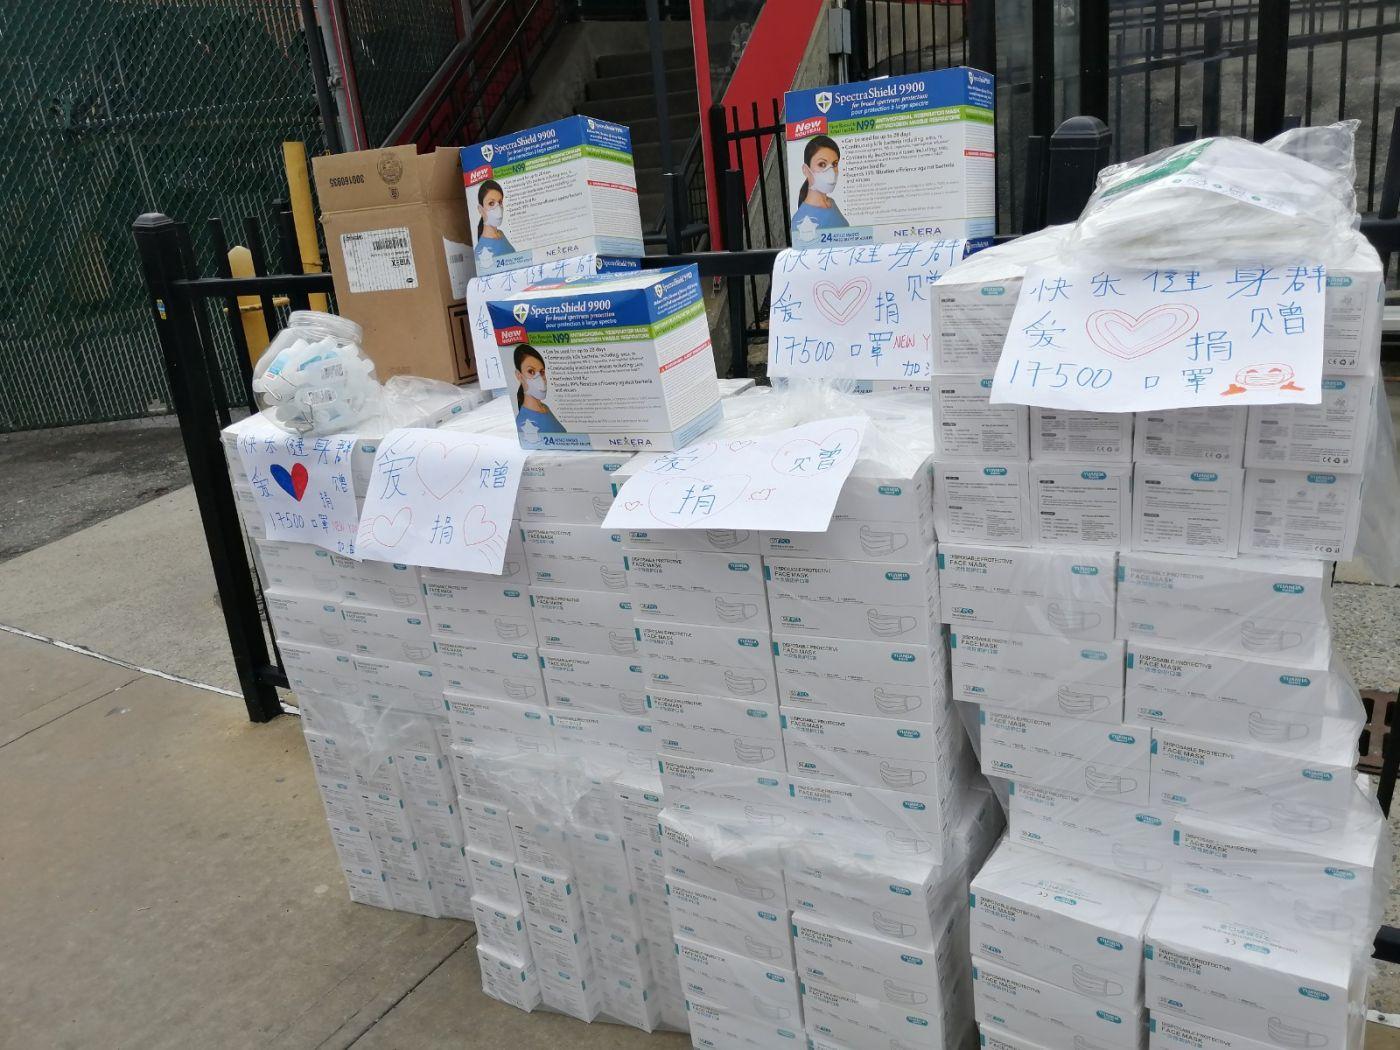 法拉盛快乐健身群联盟捐给皇后区长老医院一万多美元口罩物资 ..._图1-3